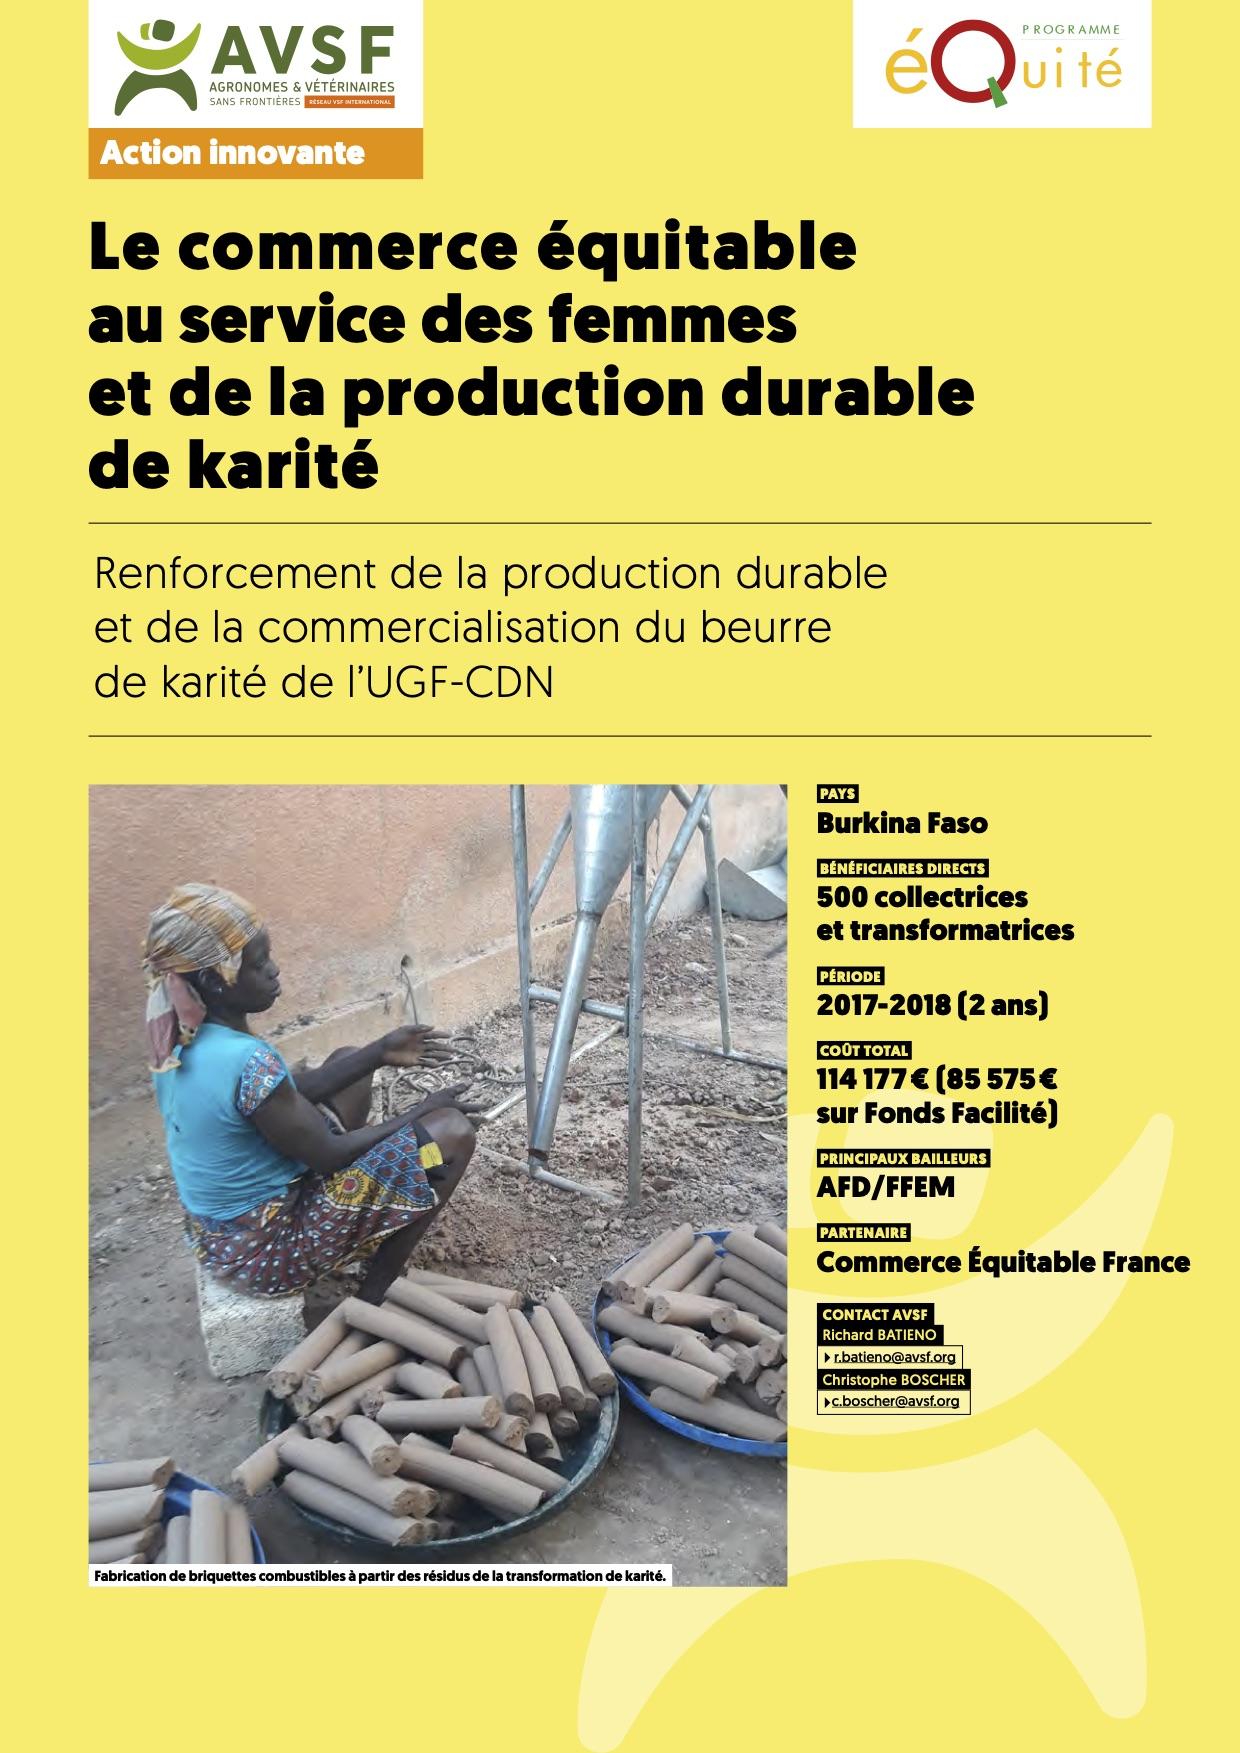 Les actions innovantes d'AVSF : Commerce équitable et production paysanne féminine de karité au Burkina  Image principale